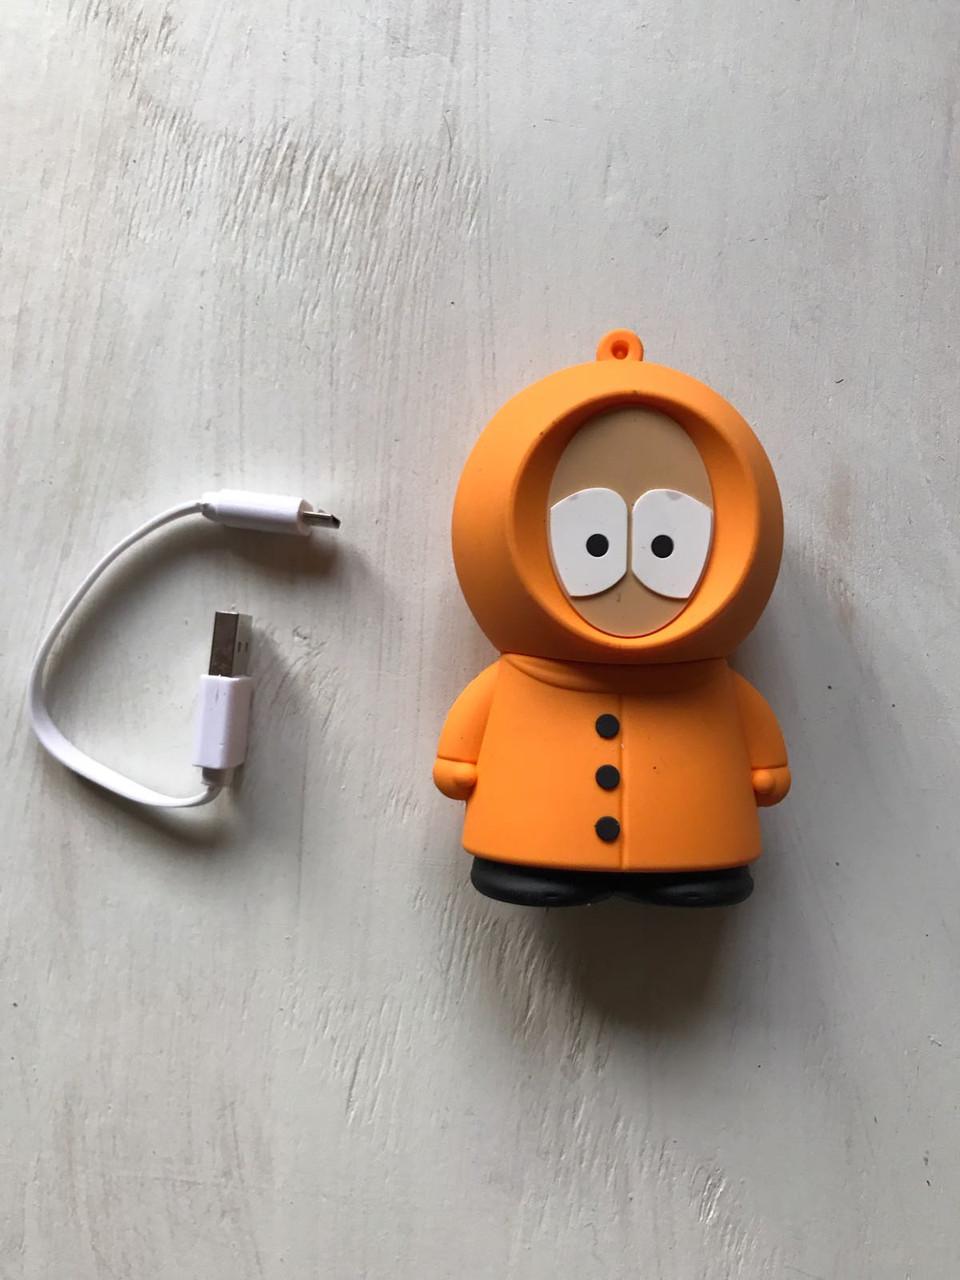 Дополнительный аккумулятор power bank Кенни Маккормик из South Park для телефона 8800 мАч